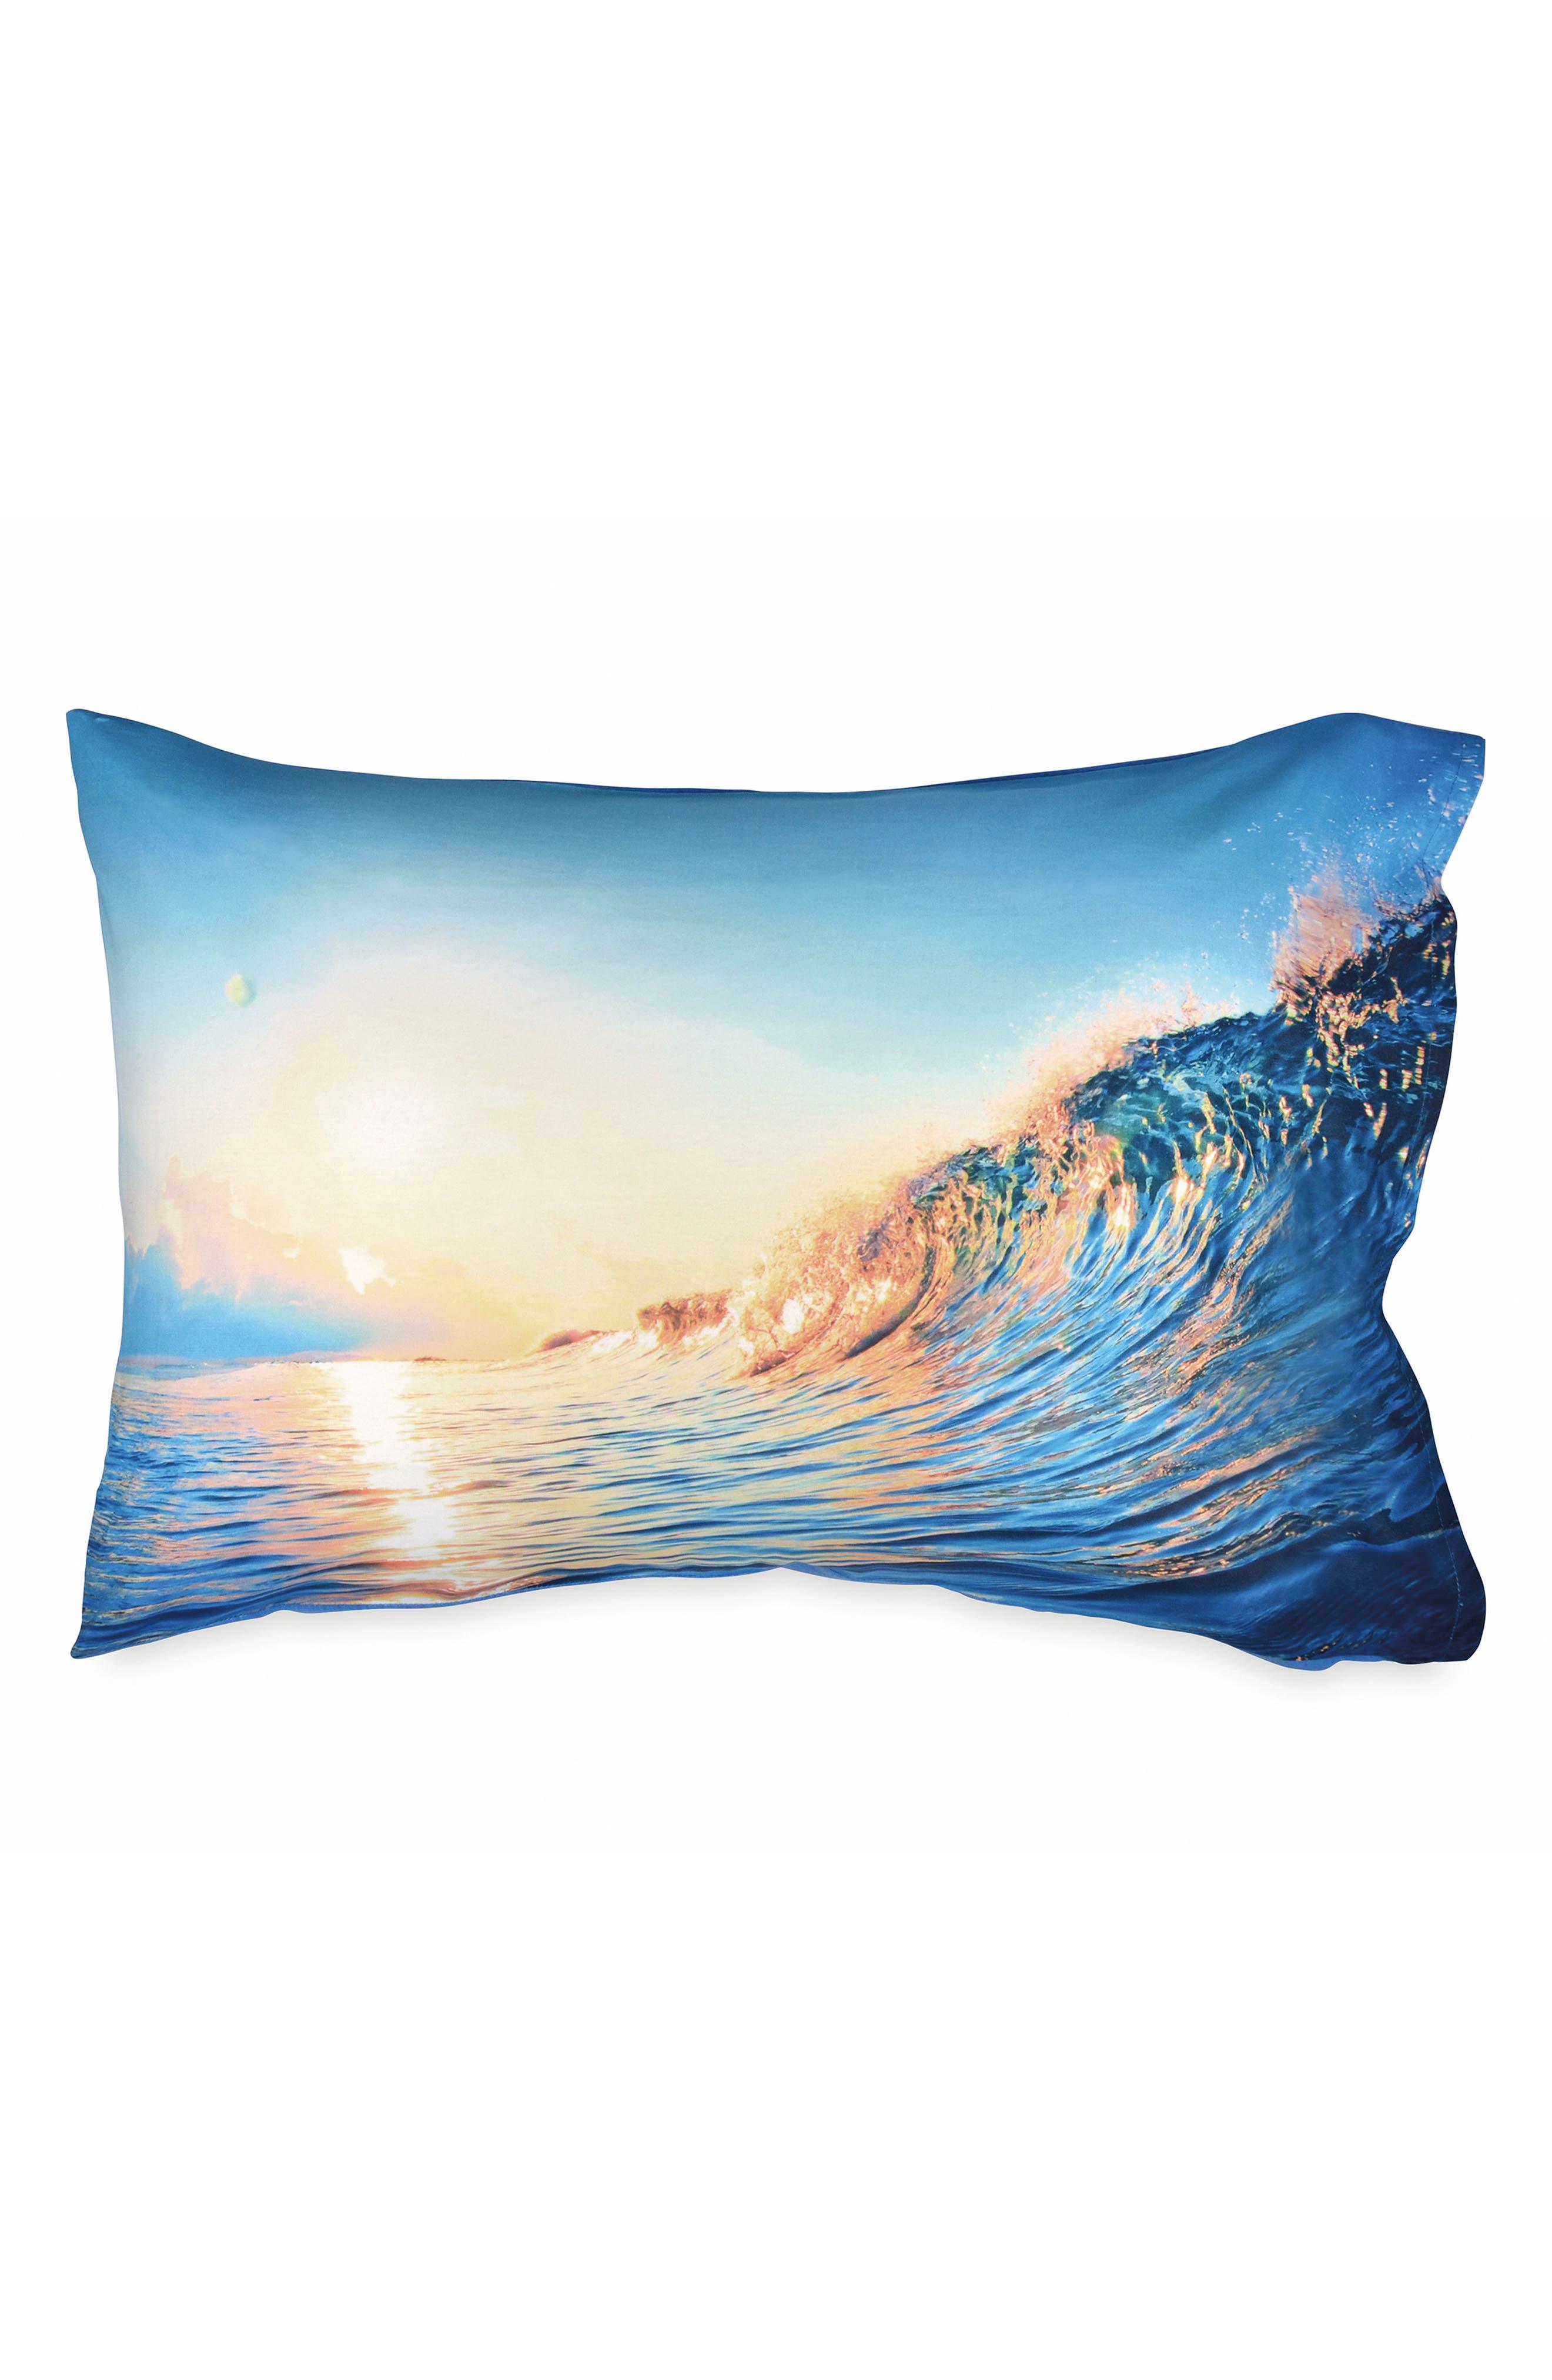 Wave Pillowcase,                         Main,                         color, Aqua